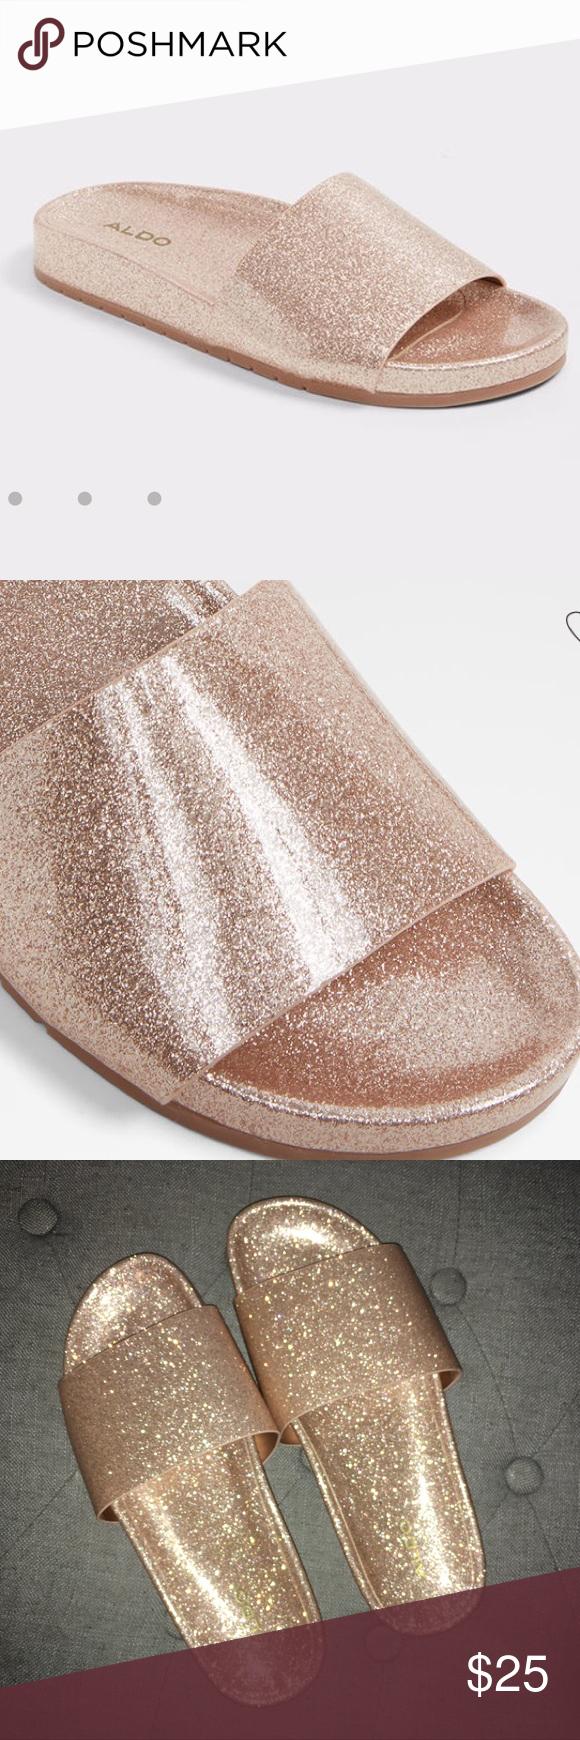 Glitter slides, Aldo, Aldo shoes